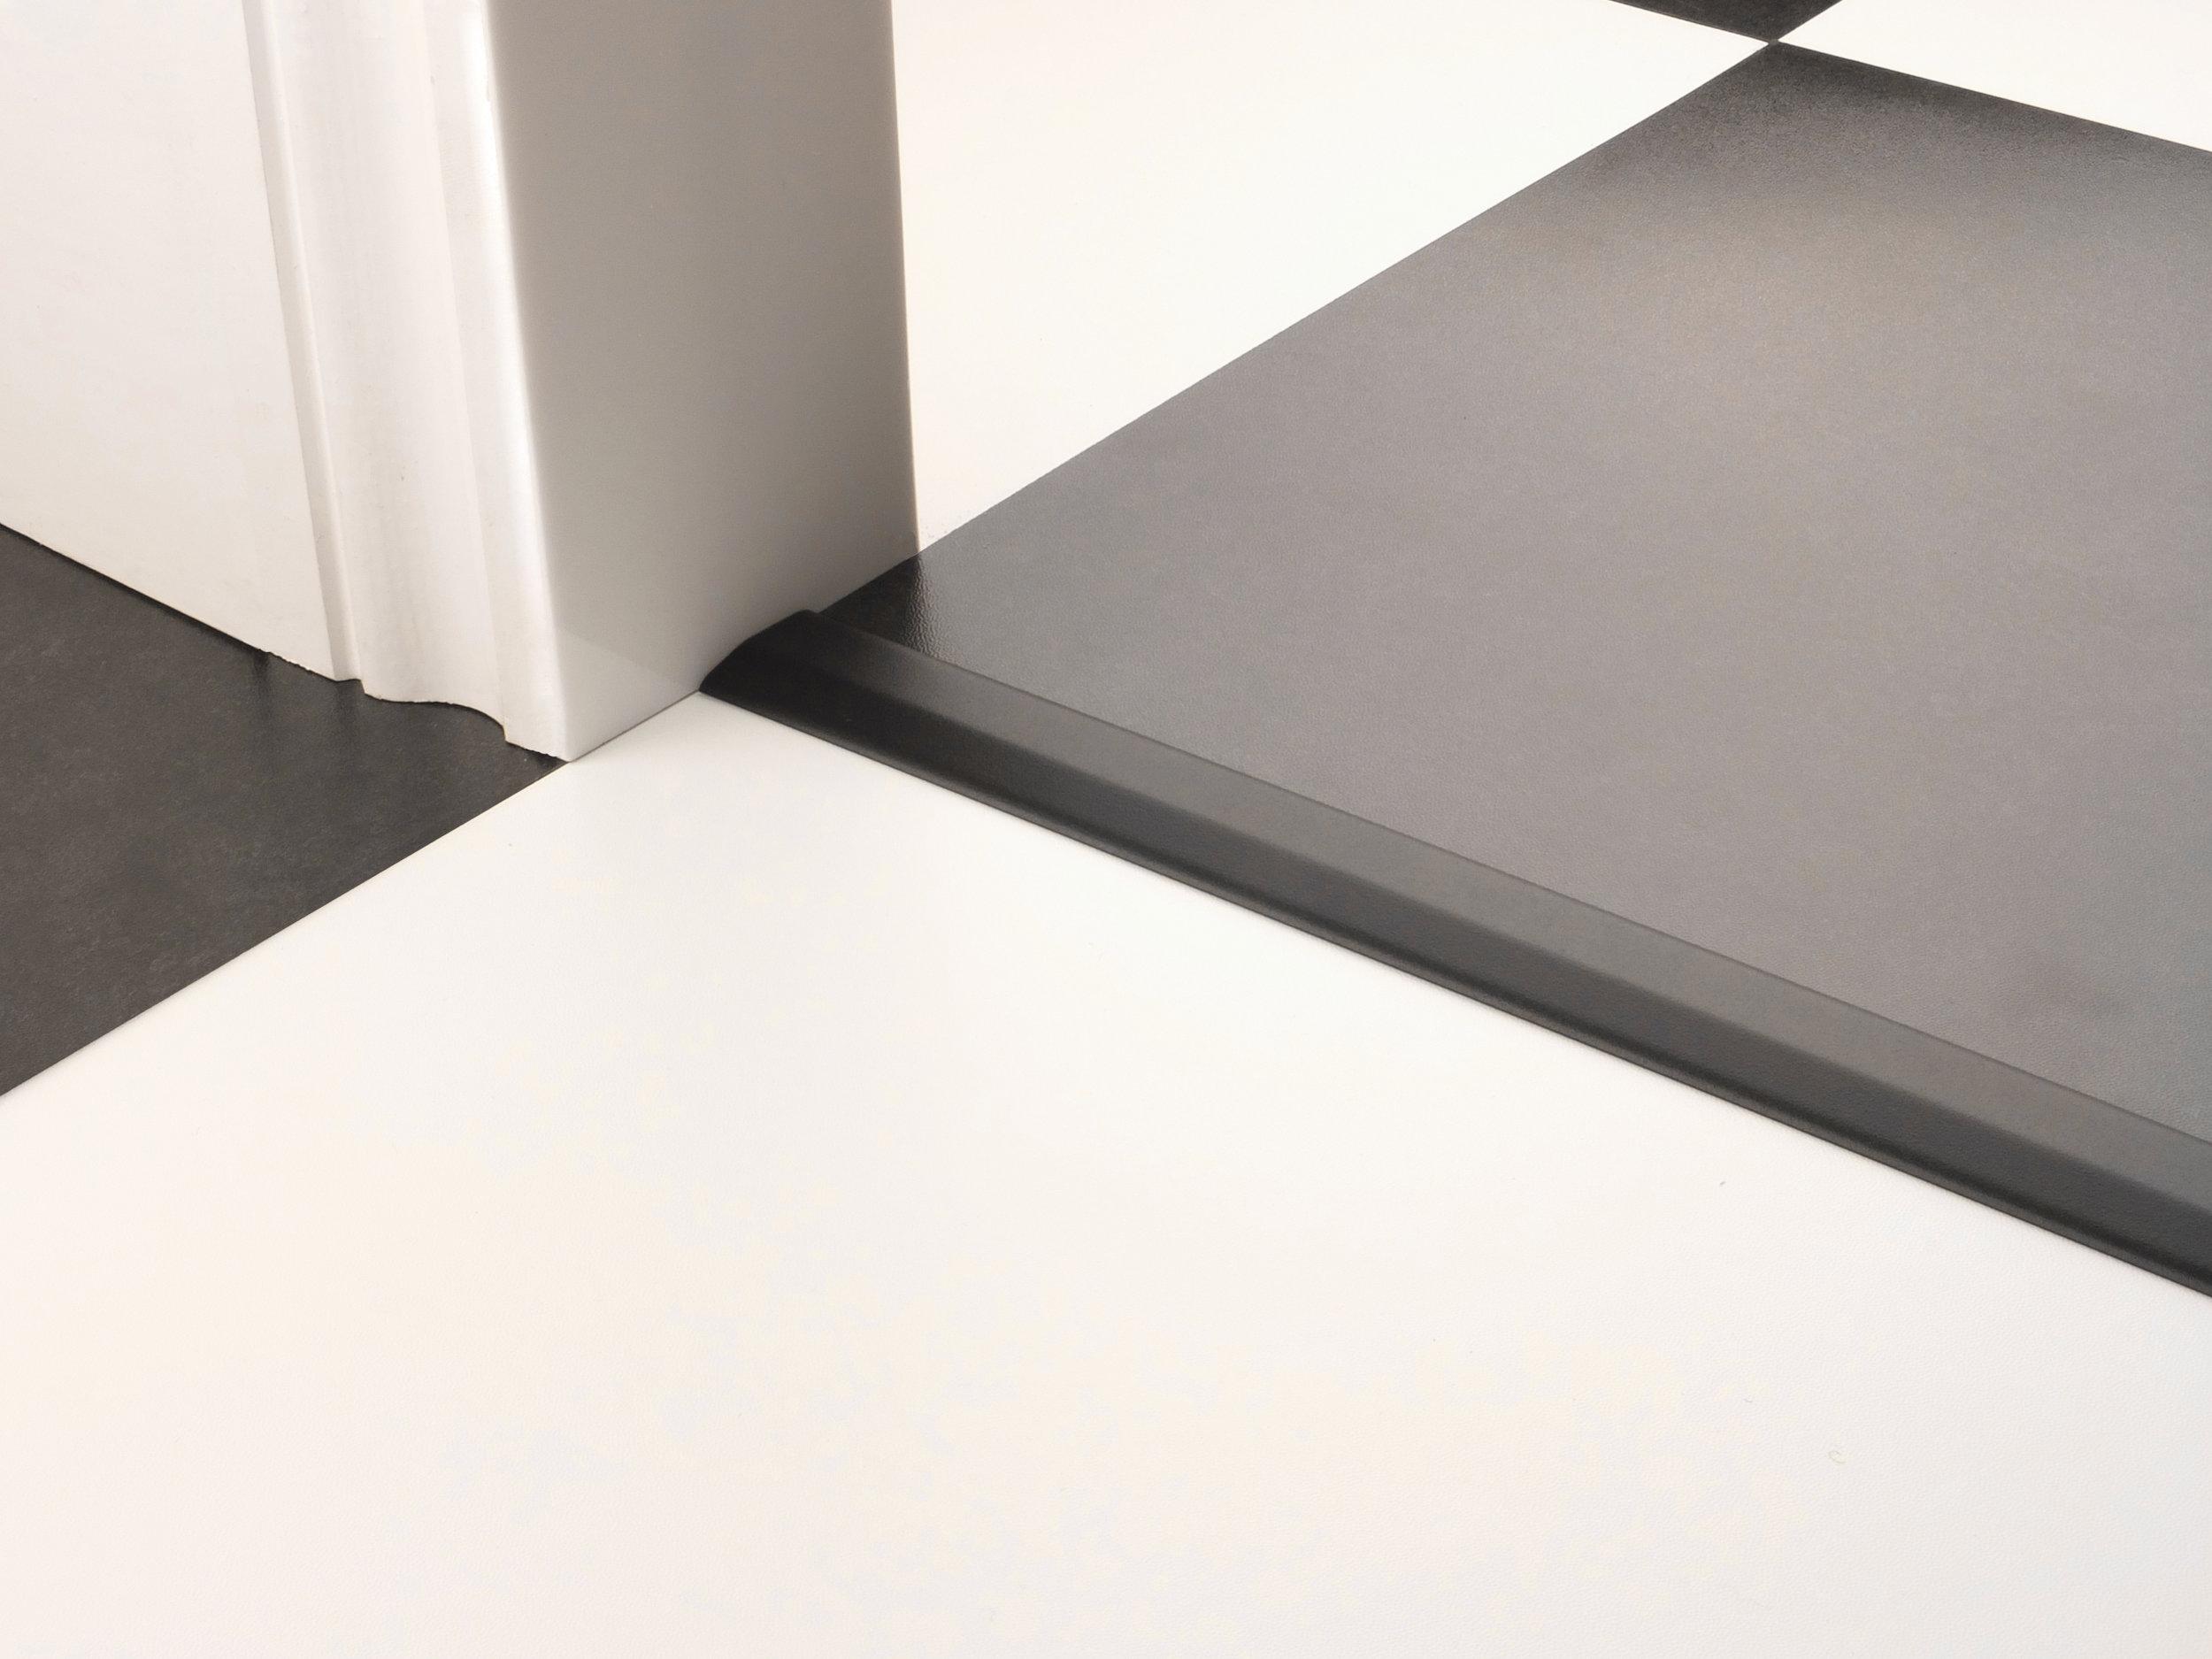 stairrods-doorbar-black-two-way-ramp.jpg